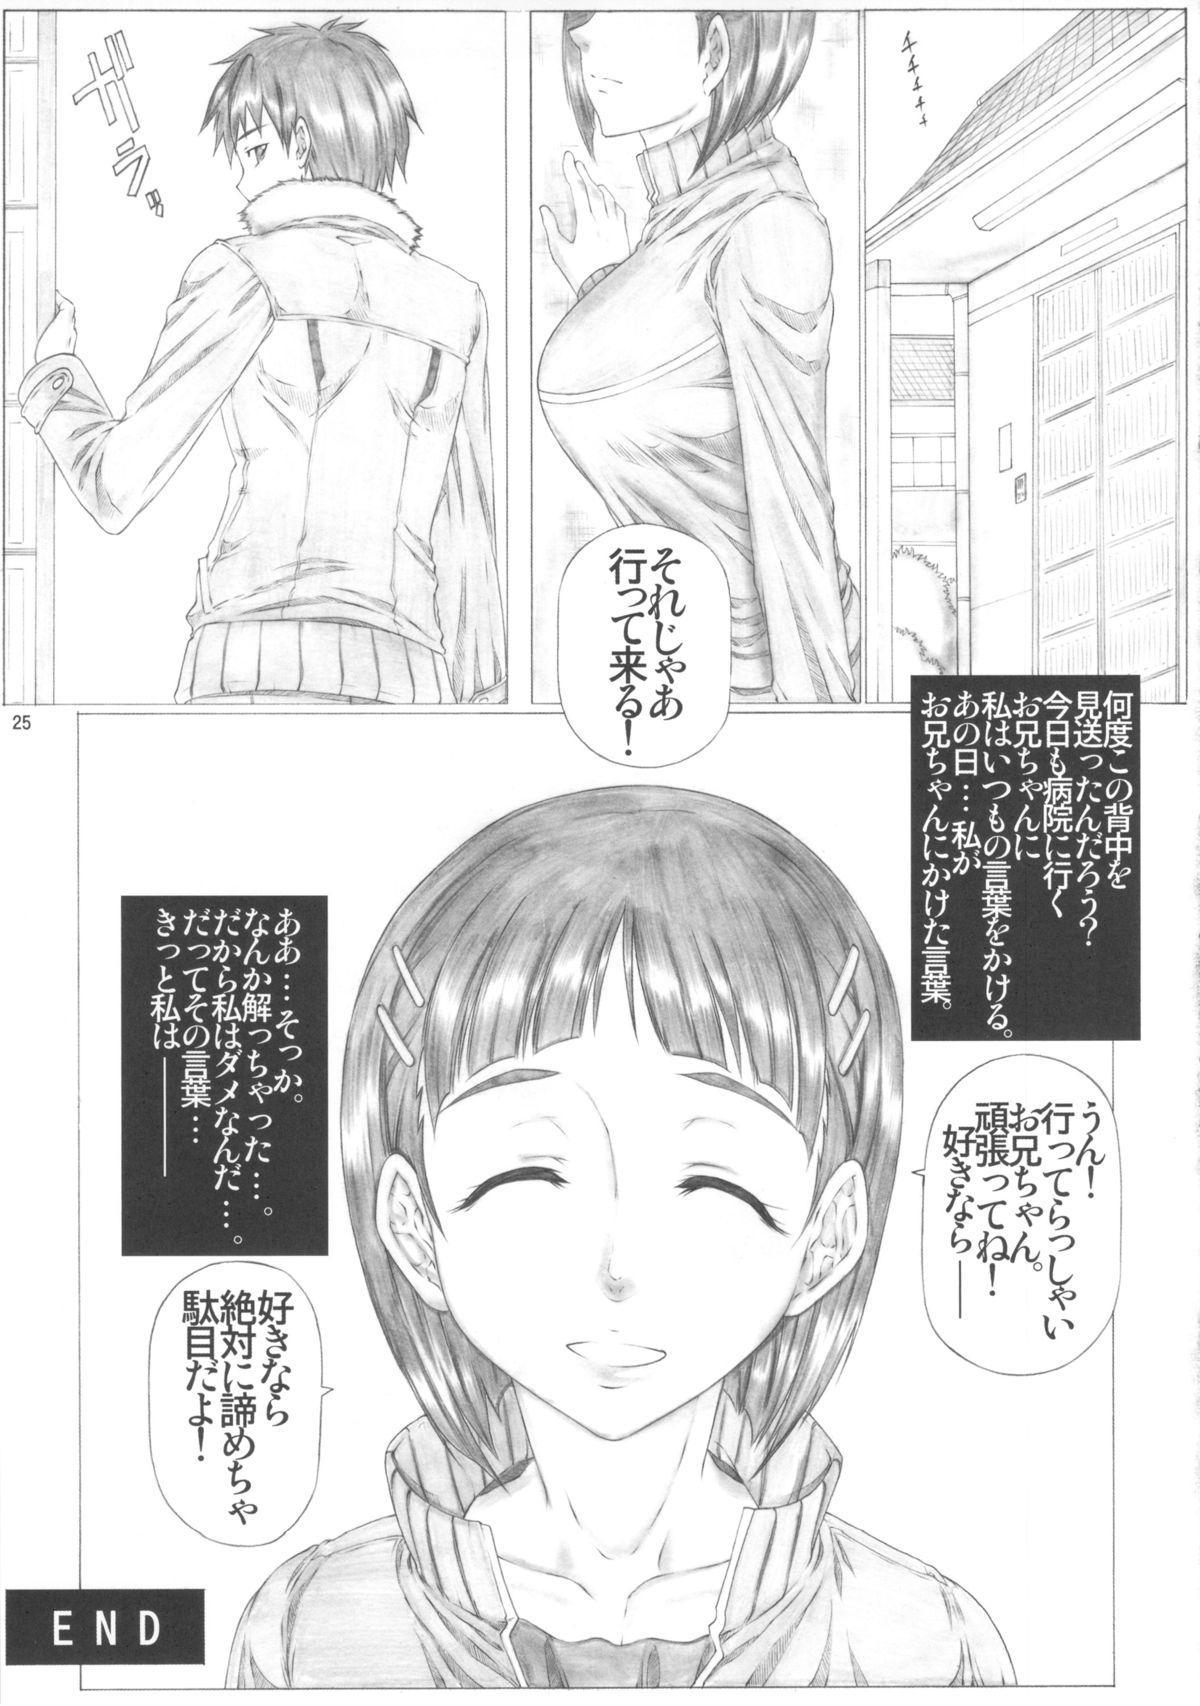 Angel's stroke 72 Suguha Scramble! Oniichan no Seiyoku Kanri 25